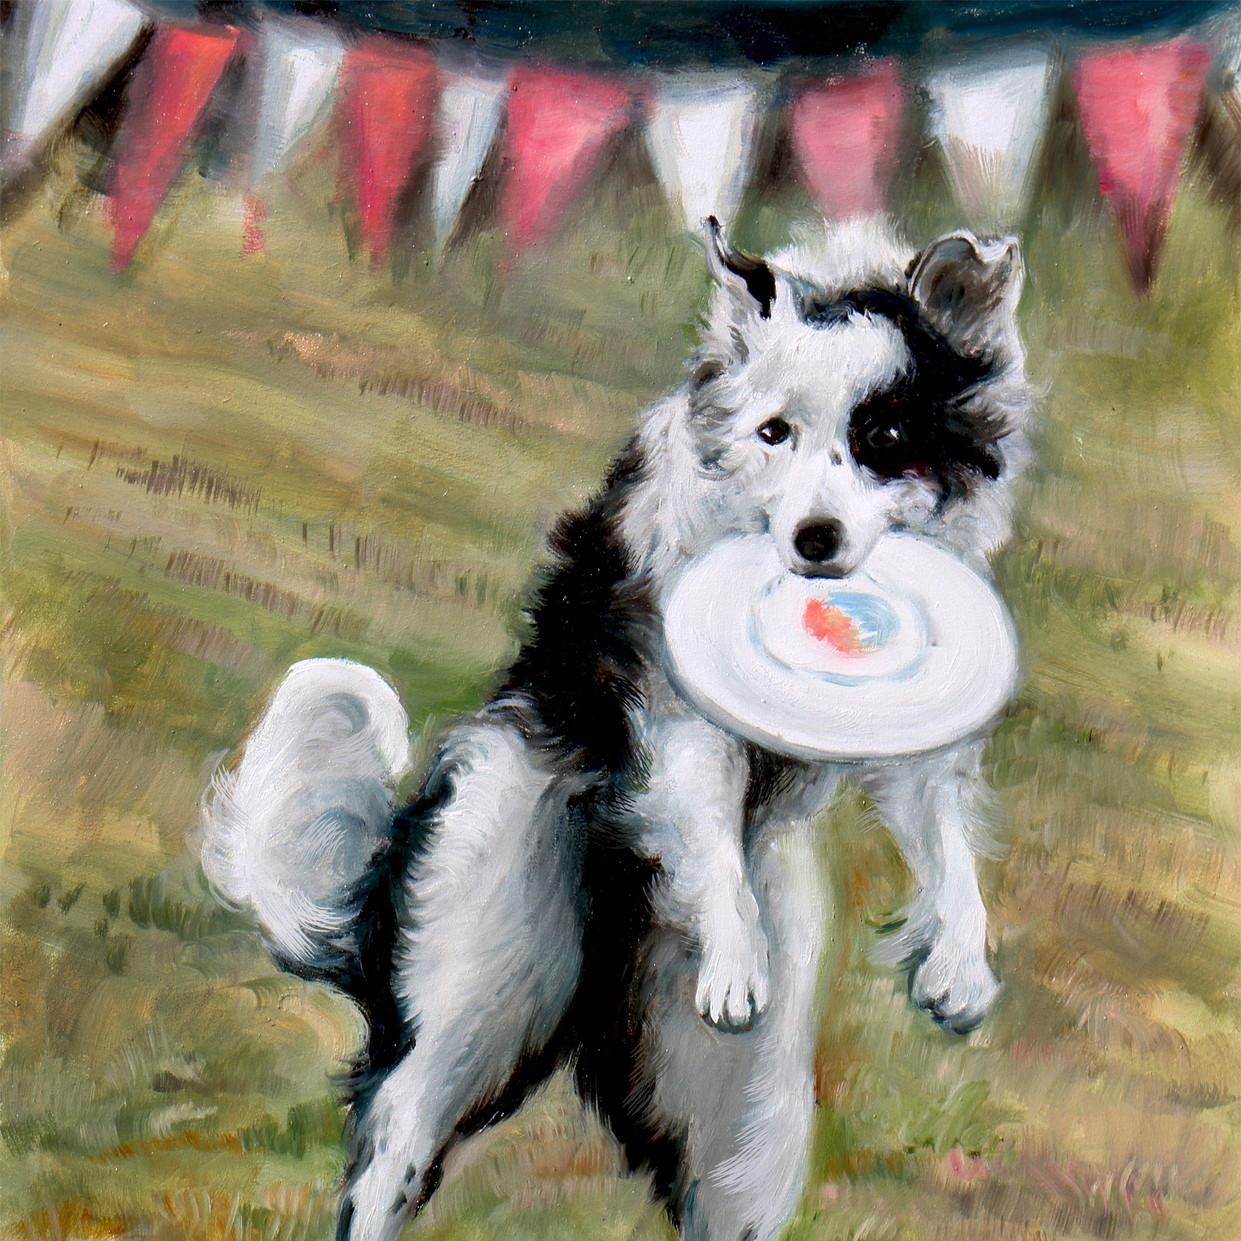 絵画 インテリア アートパネル 雑貨 壁掛け 置物 おしゃれ 油絵 水彩画 鉛筆画 犬 動物 ロココロ 画家 : Uliana ( ウリャーナ ) 作品 : u-20